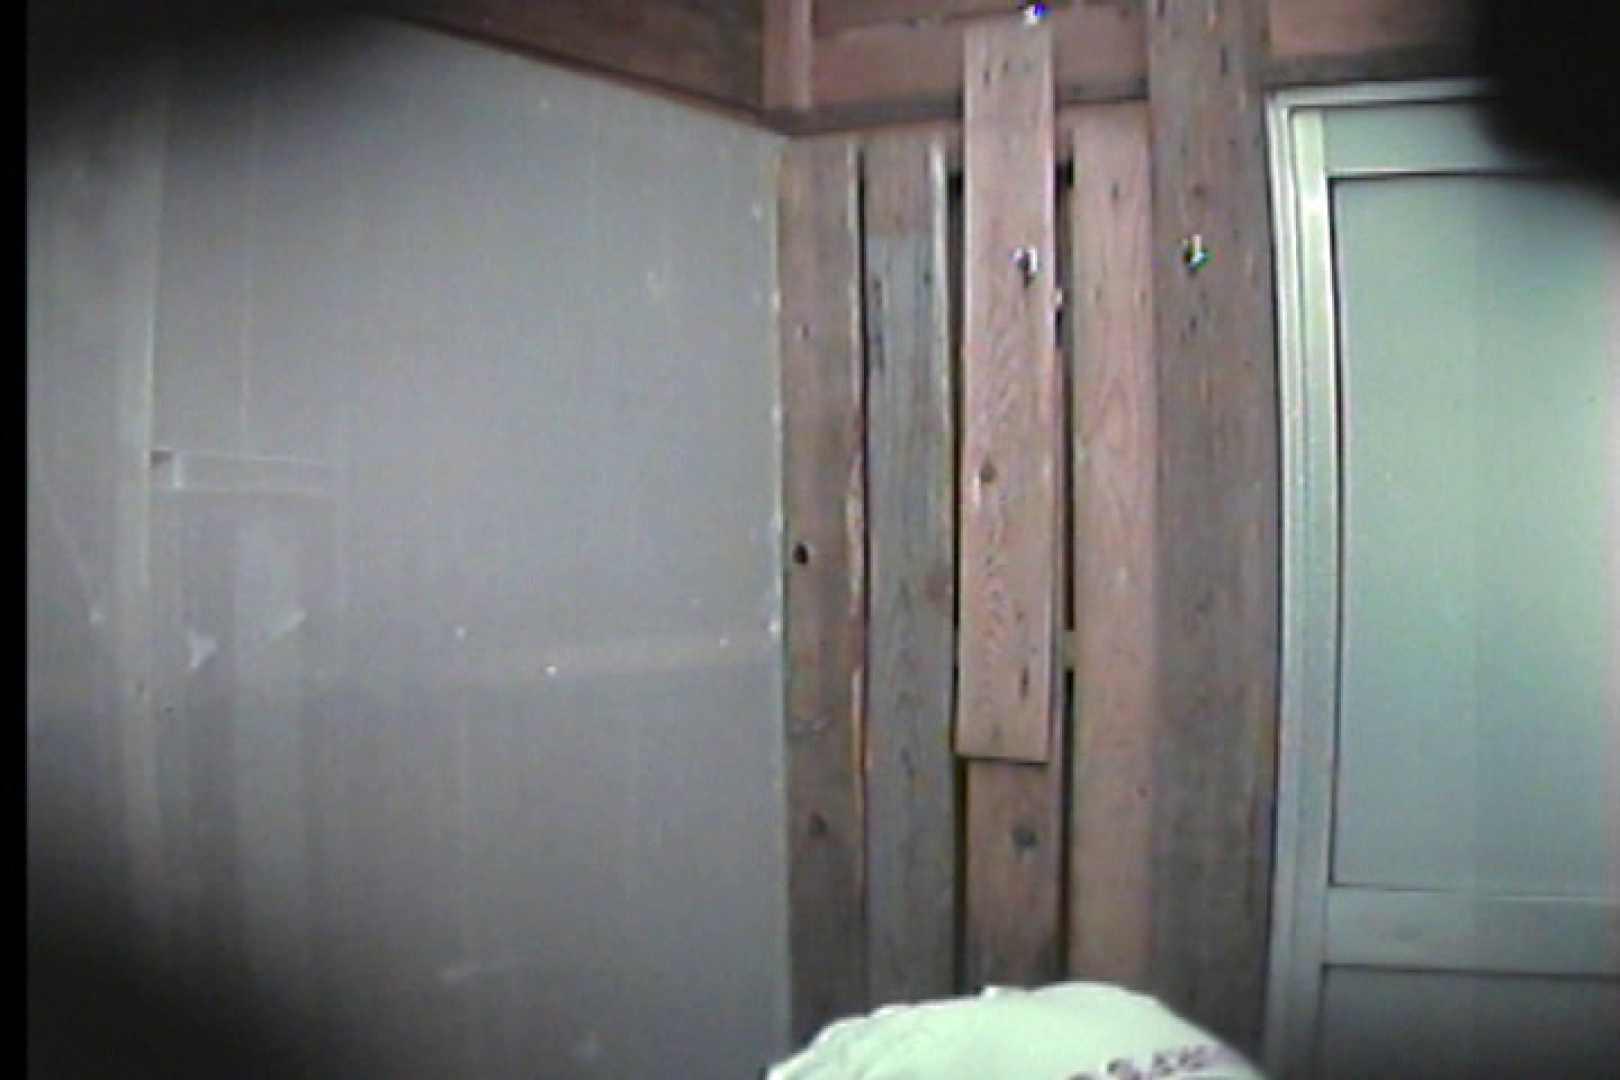 海の家の更衣室 Vol.33 いやらしいOL SEX無修正画像 53連発 8